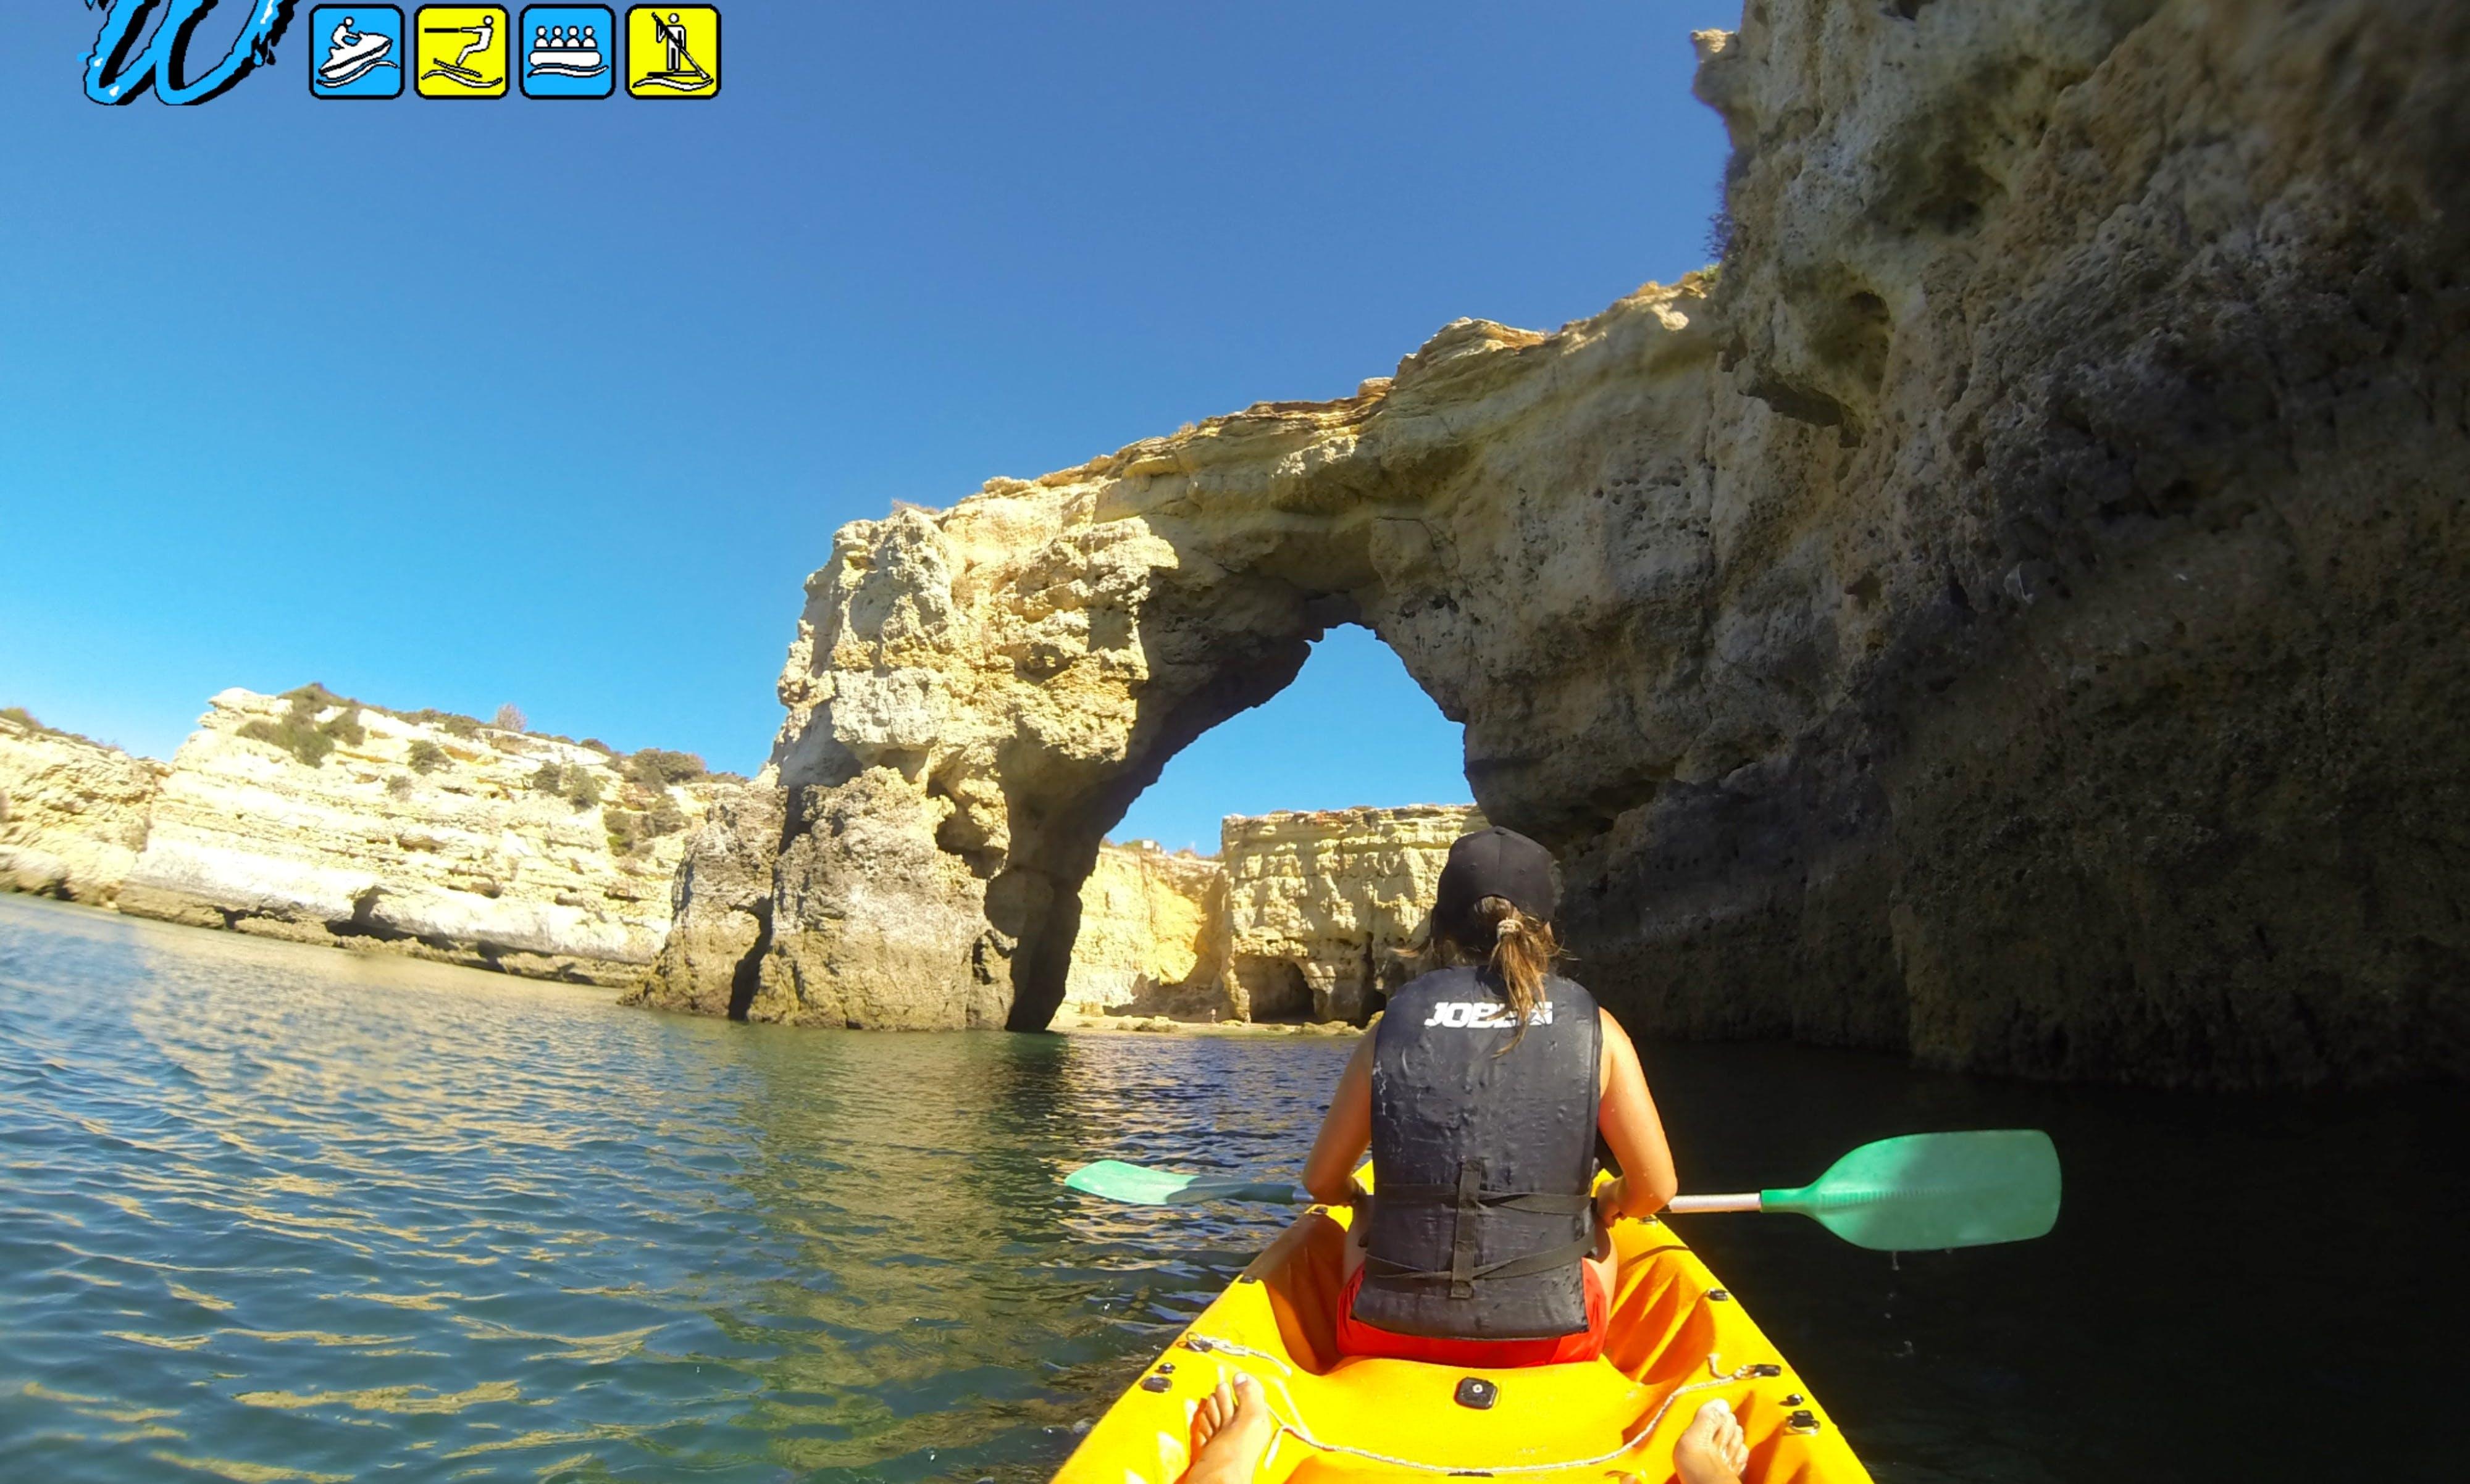 Explore Wild Caves & Beaches Kayaking Tour, Armação de Pêra, Algarve, Portugal